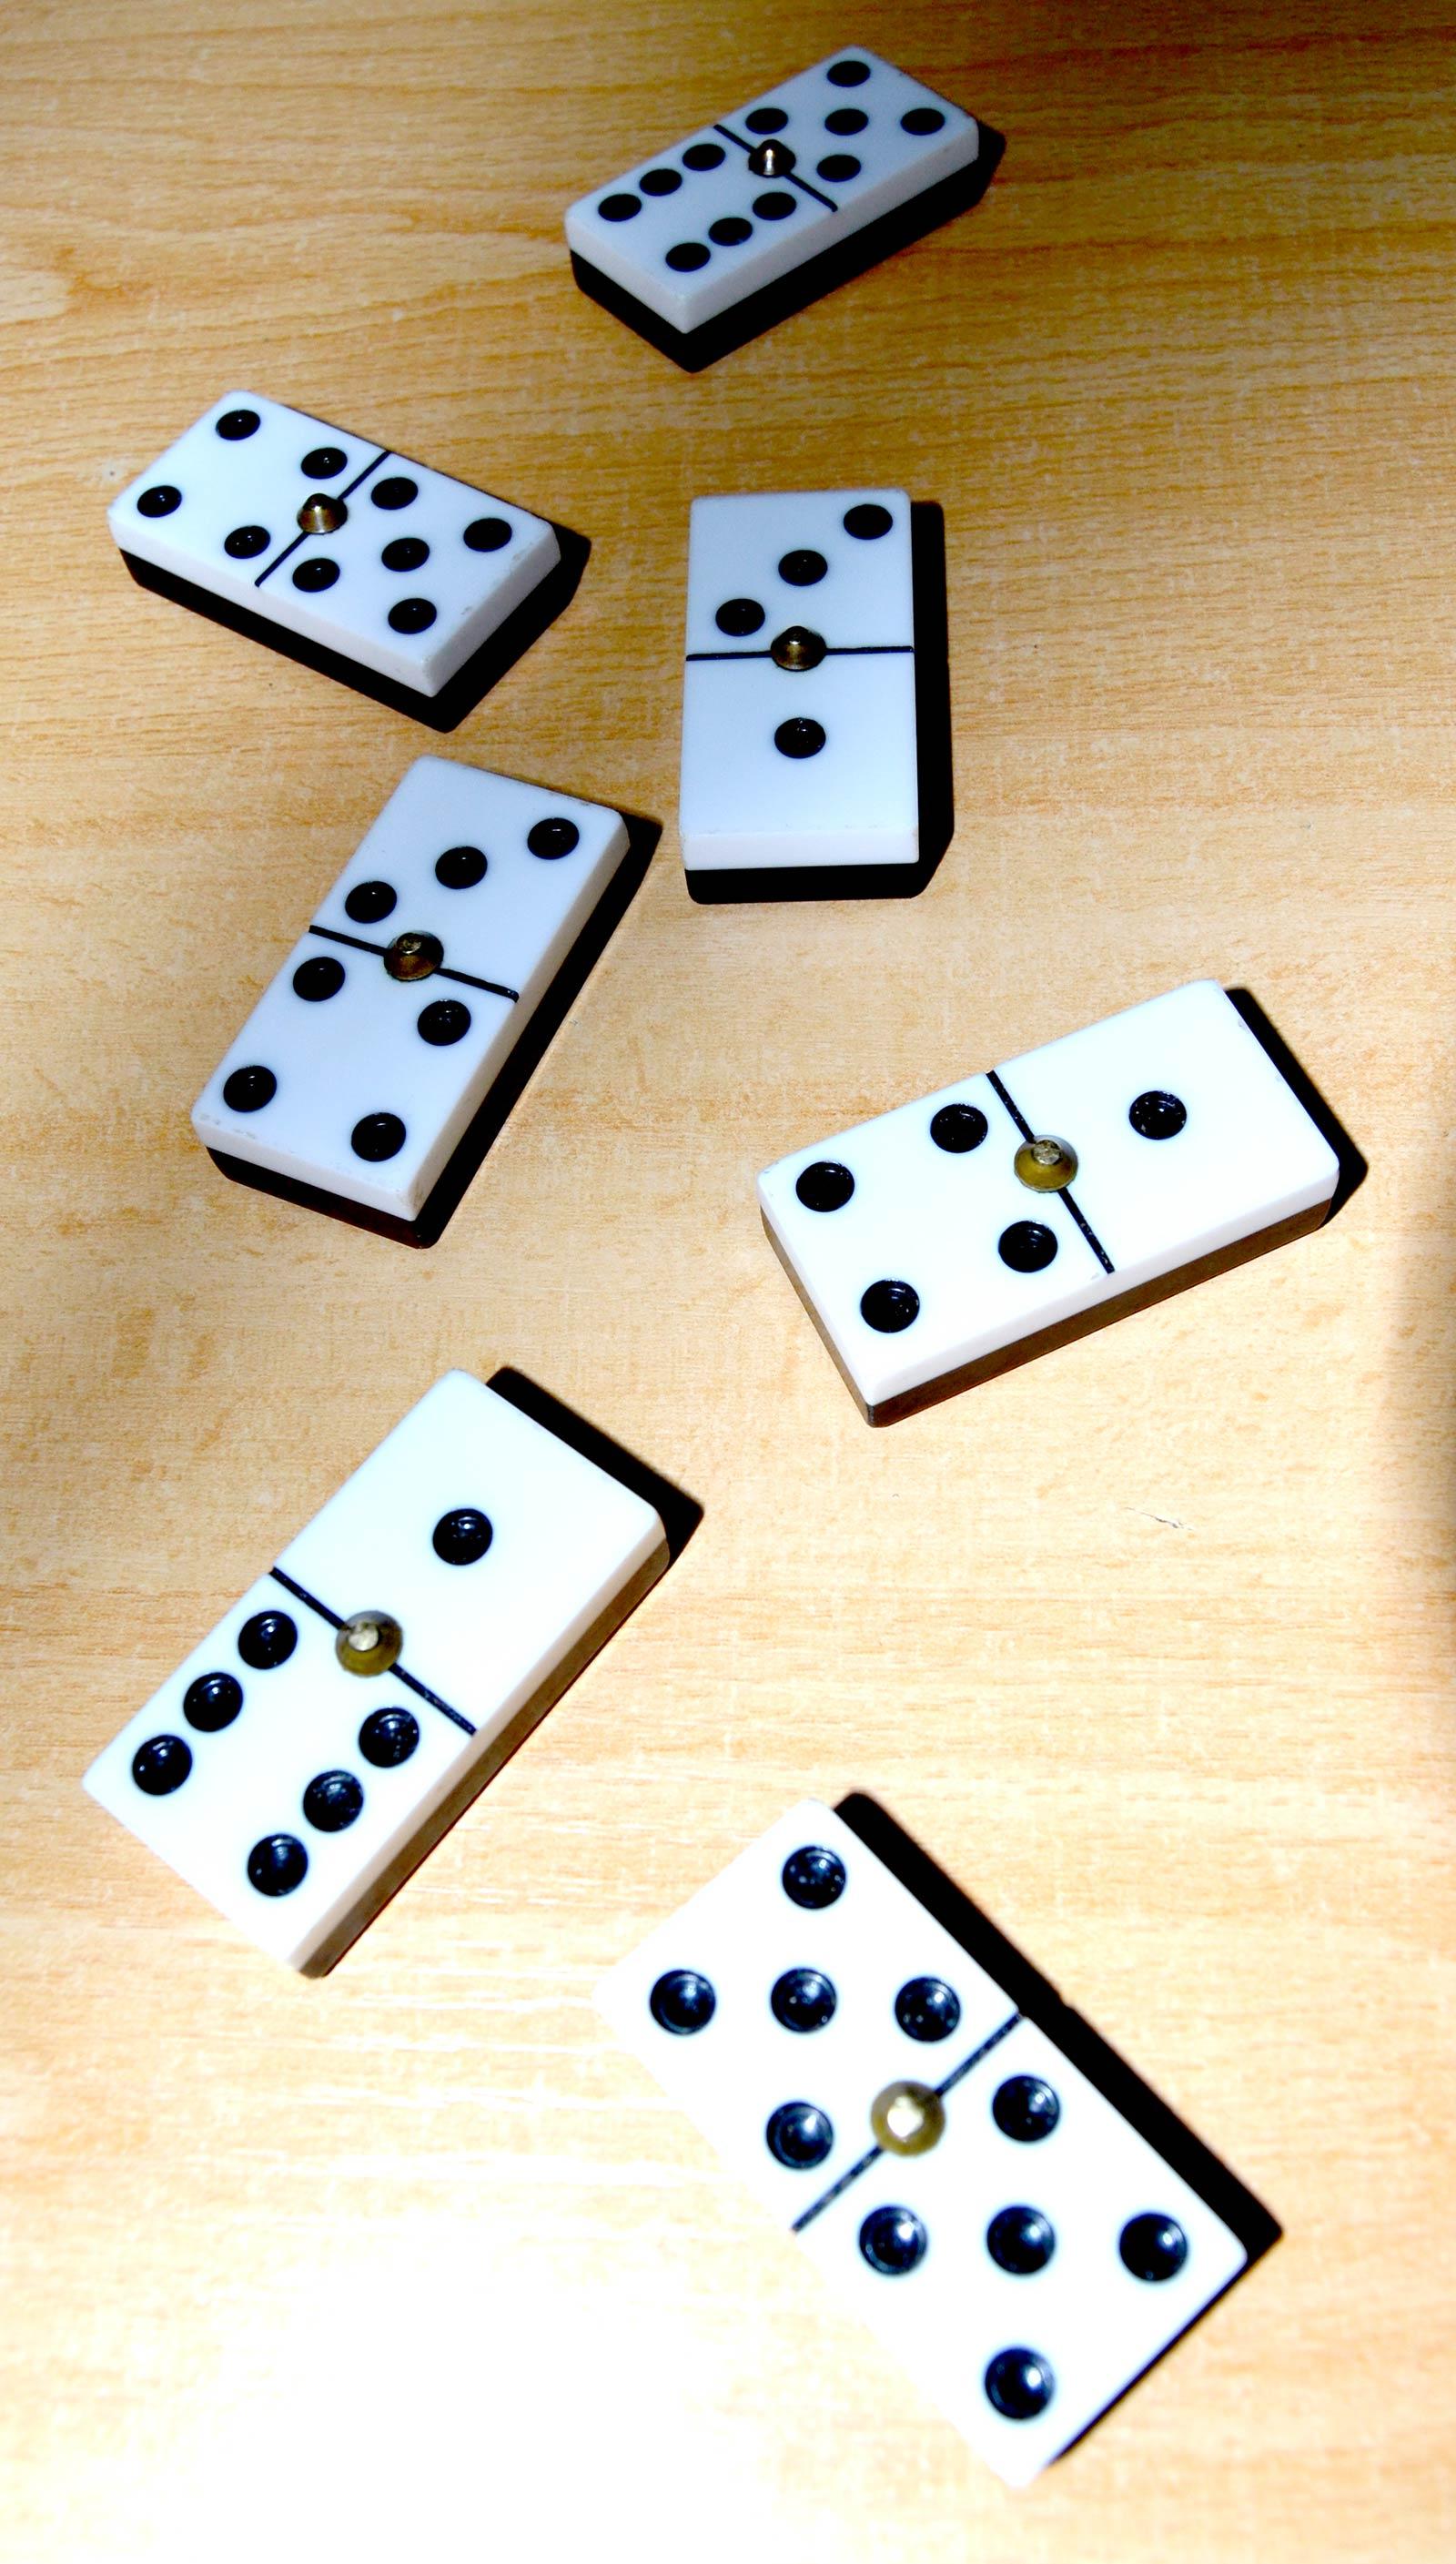 Ilustración gratis - Fichas del dominó